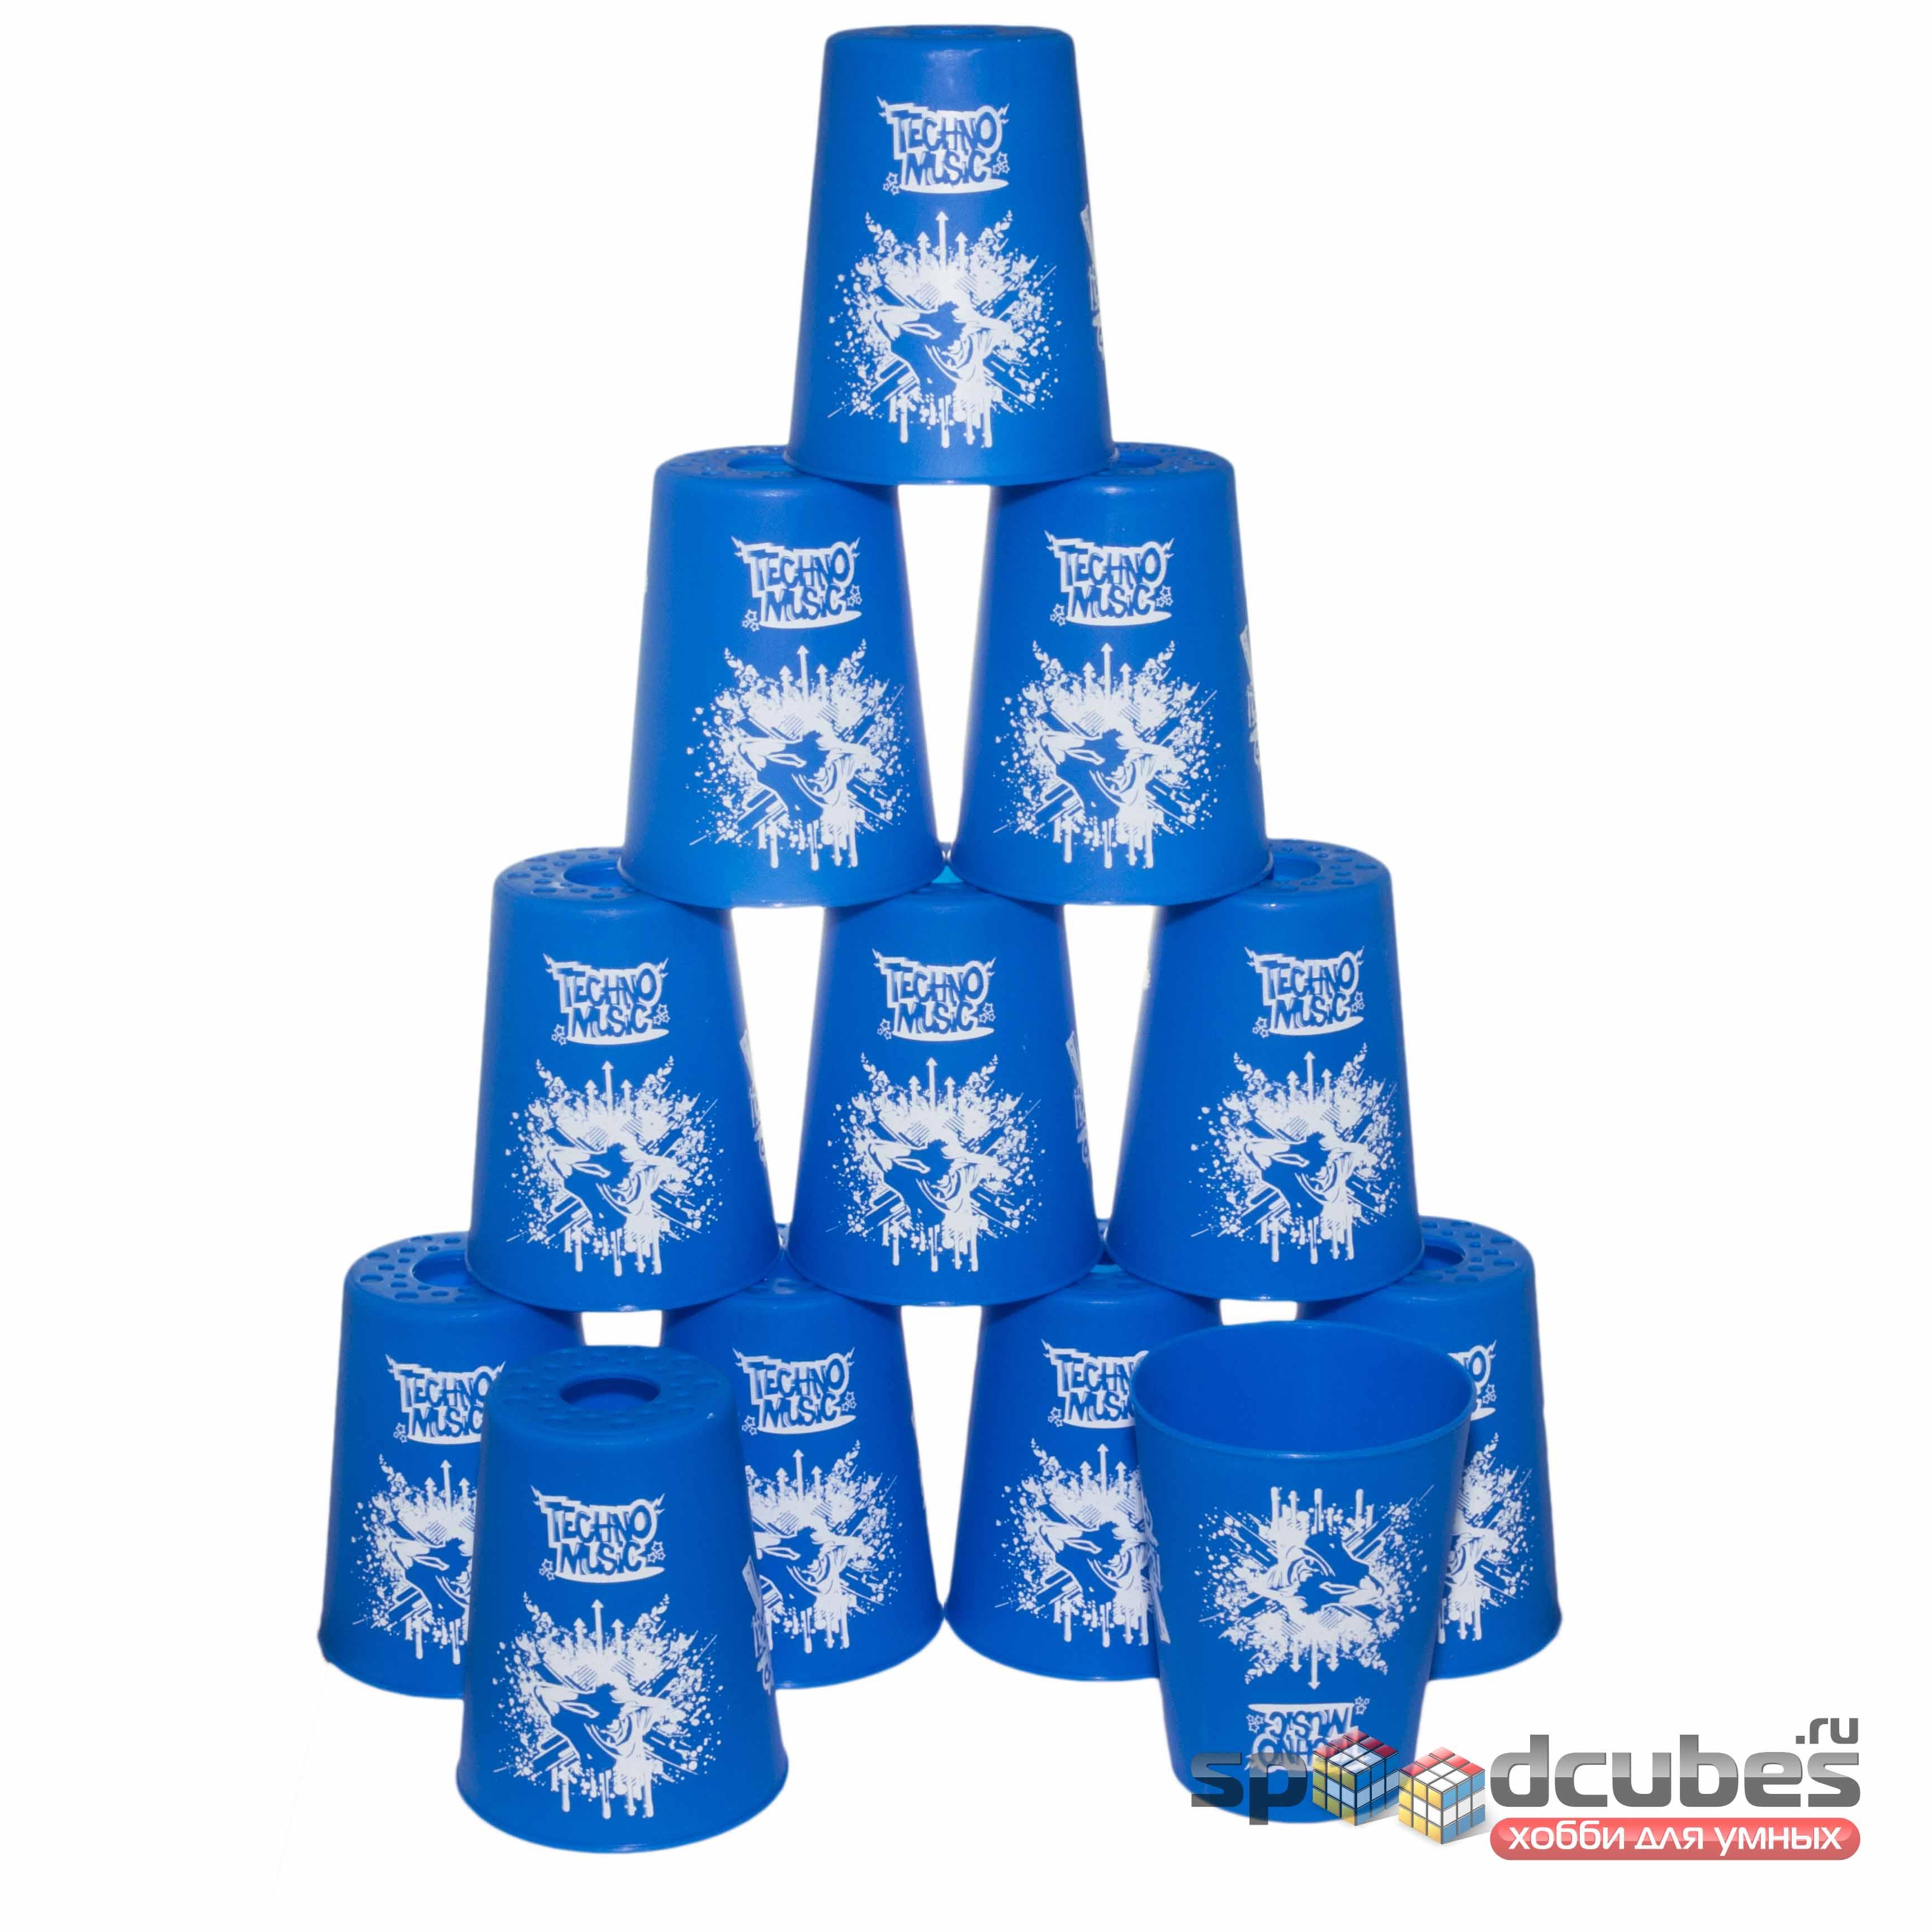 Yj стаканы для спидстакинга синие 1